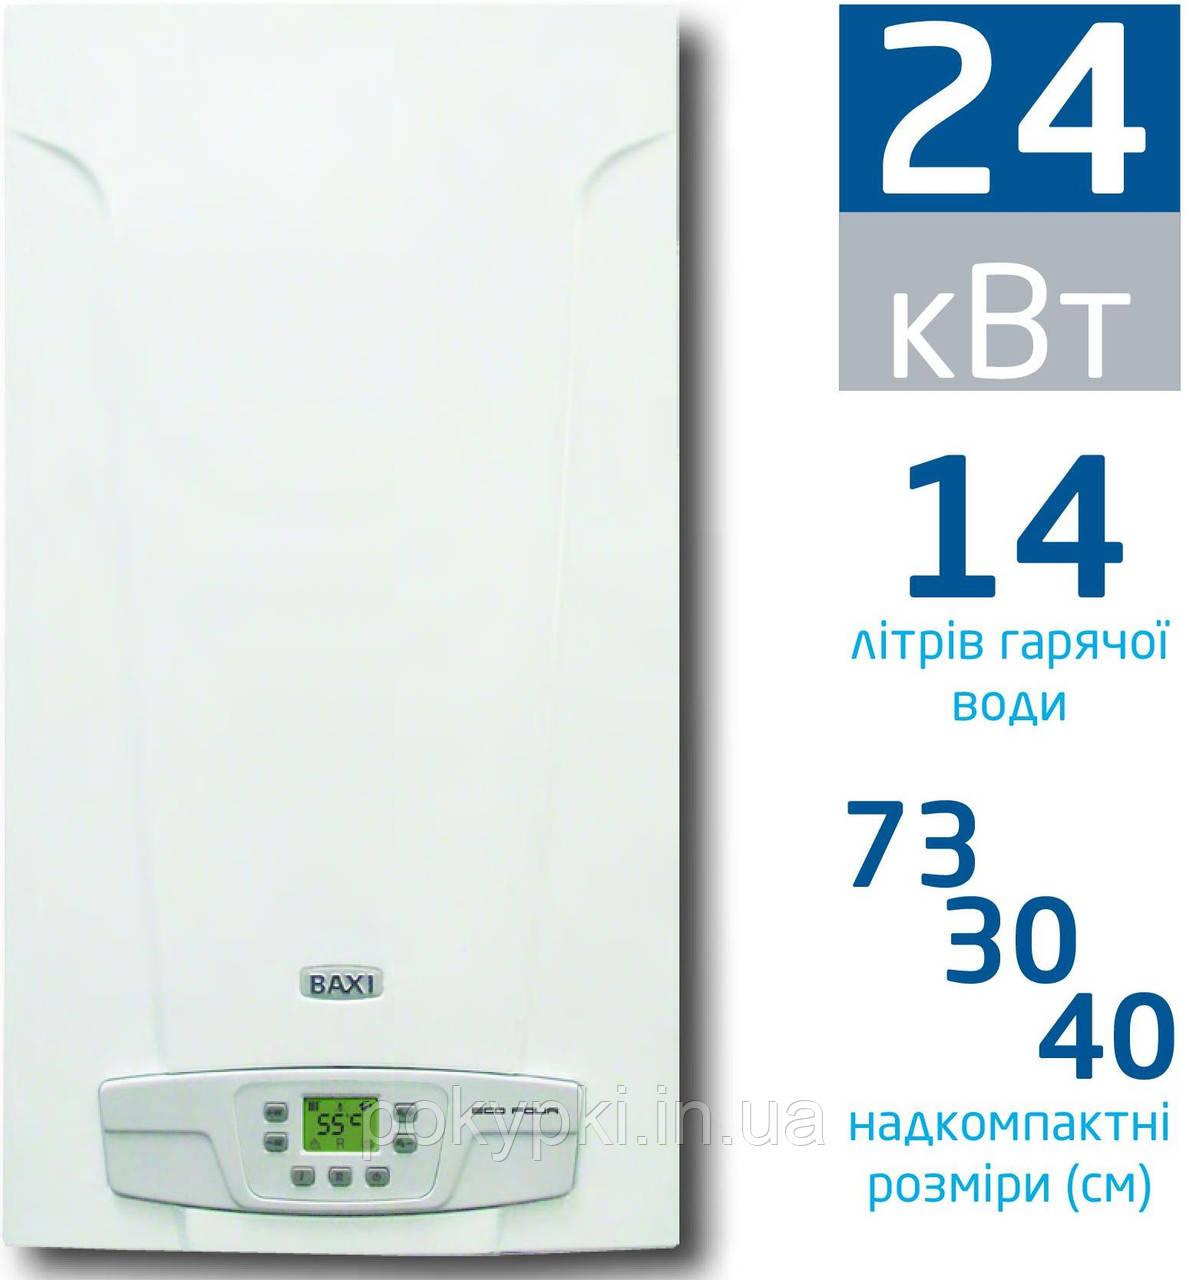 """Газовый настенный котел BAXI MAIN Four 24 с открытой камерой сгорания, 24кВт для отопления дома - """"Удачные покупки"""" в Харькове"""